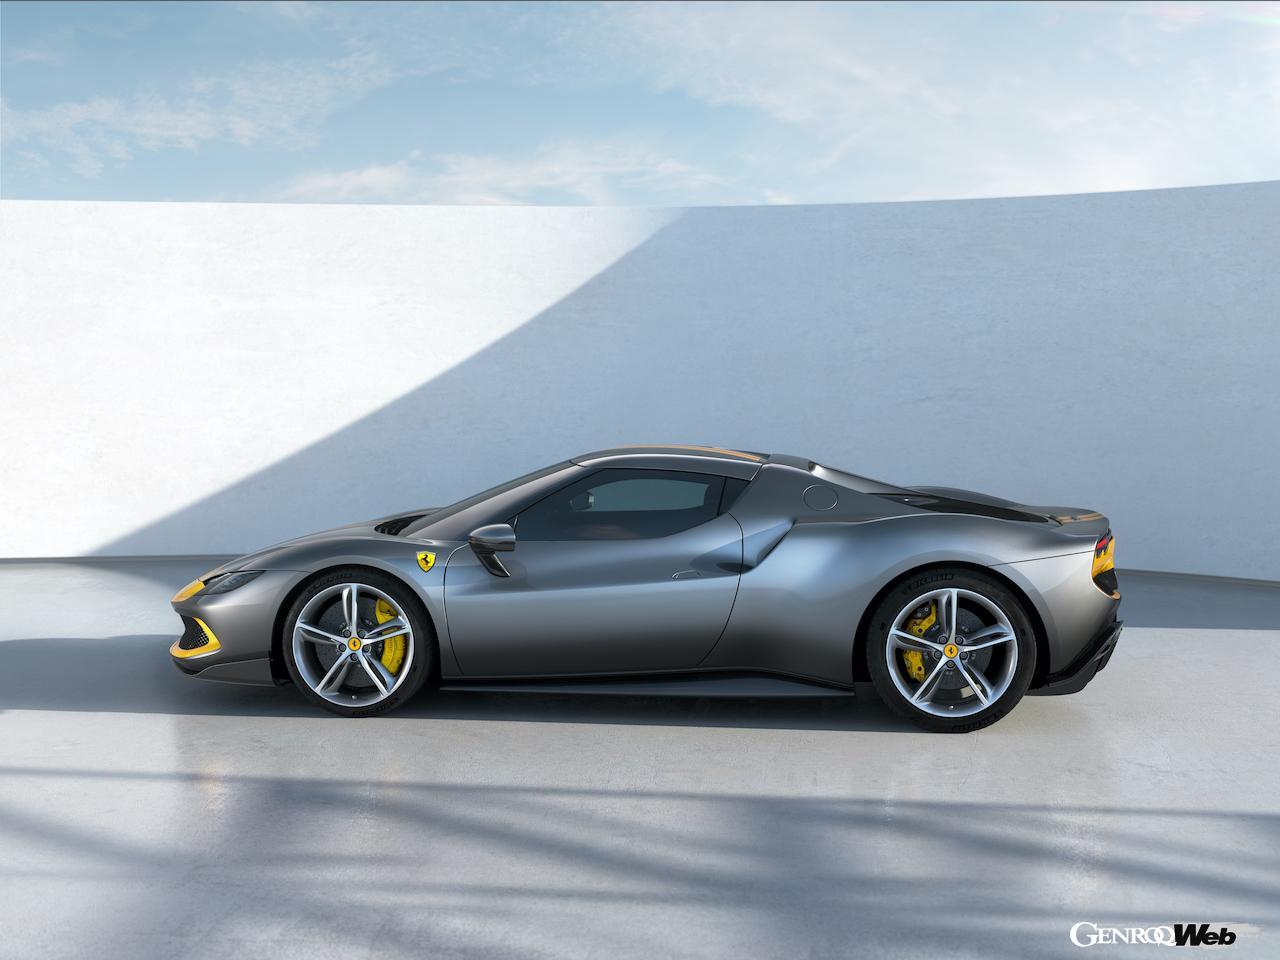 新型フェラーリ 296 GTBを徹底解剖! V6ターボ+電動モーターにより最高出力は830psを達成!